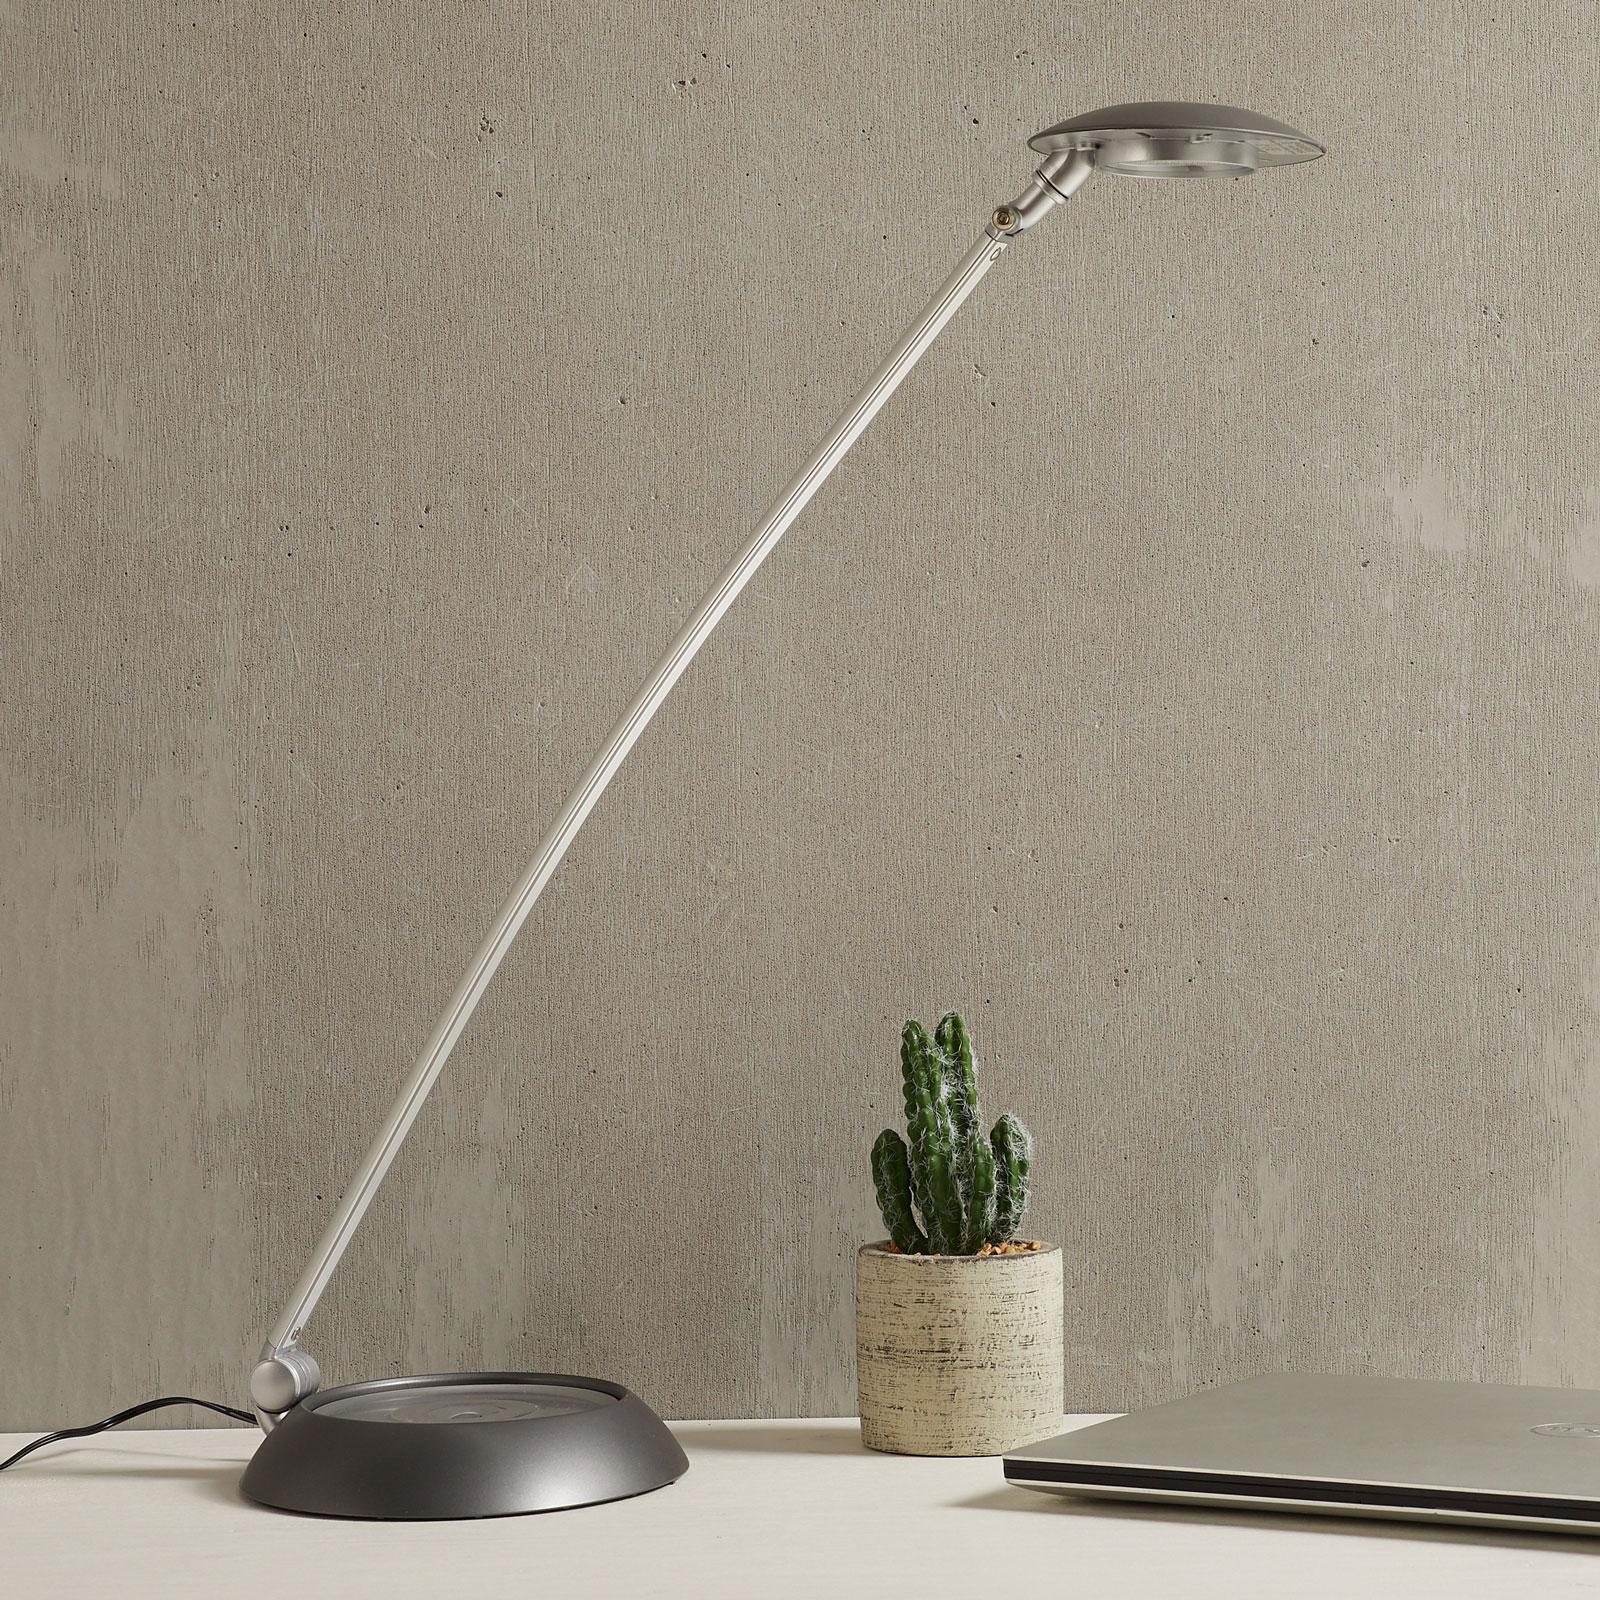 Tvåfaldigt inställbar LED-Bordslampa Forever, 6 W